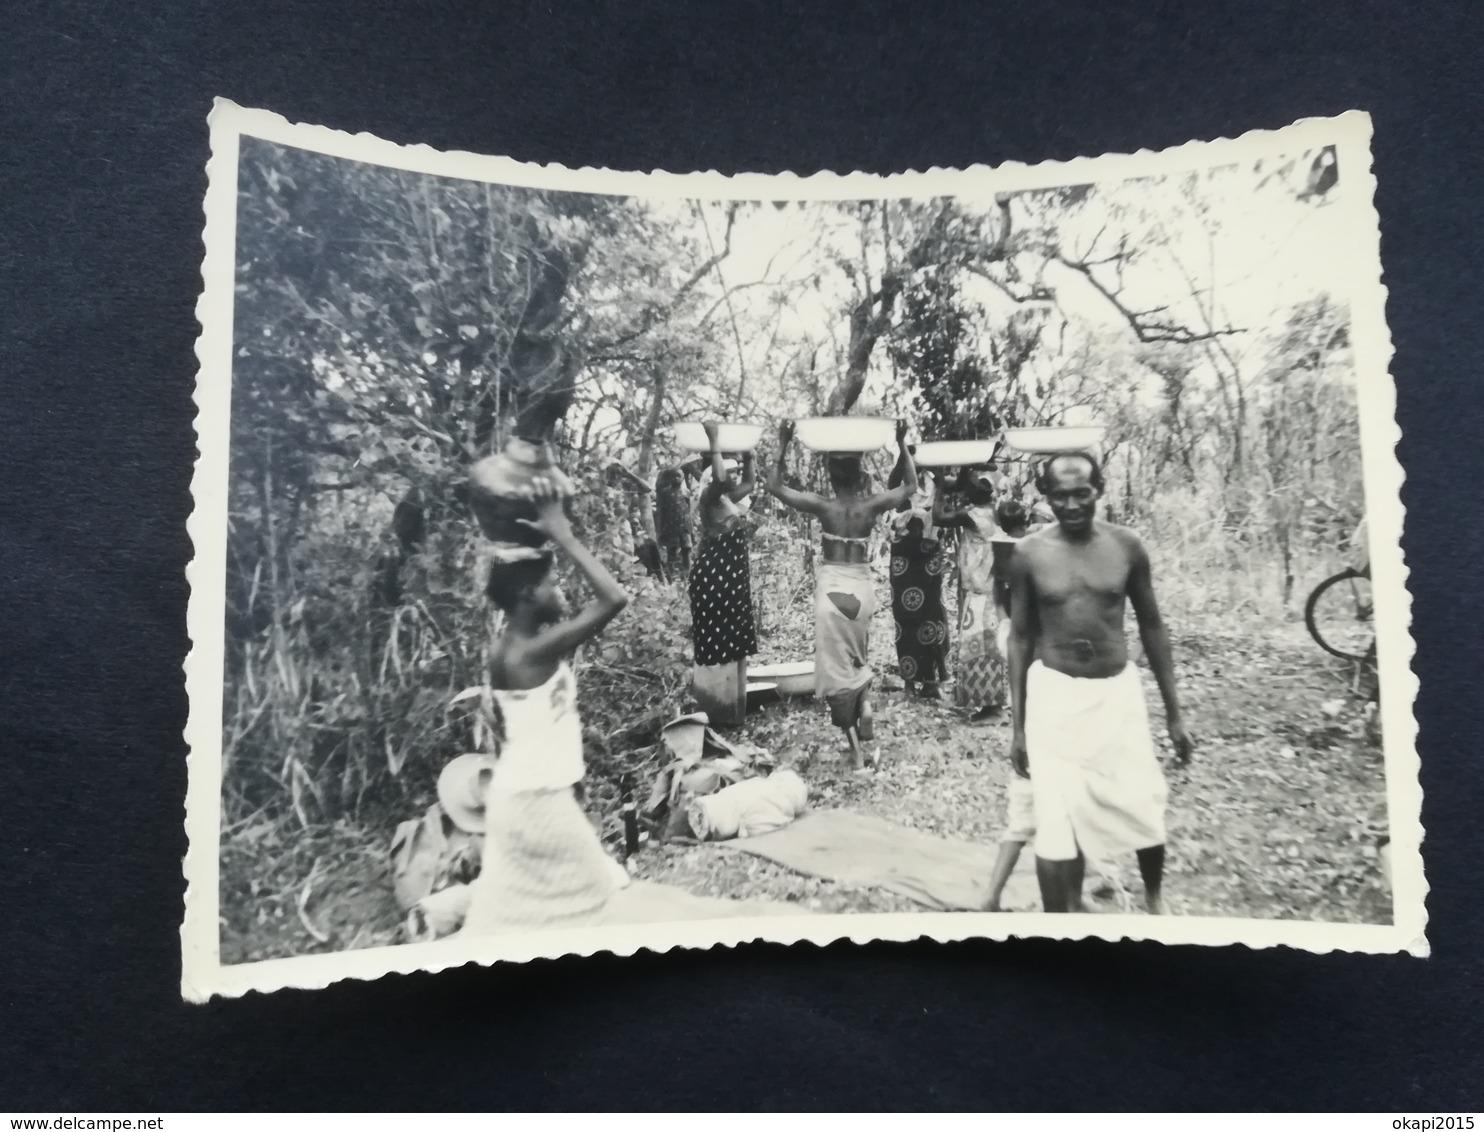 INSIGNE RÉGIMENT PARACHUTISTE PARA - COMMANDO BELGIQUE SUR UNIFORME MILITAIRE  3 PHOTOS ORIGINALES CONGO BELGE  KATANGA - Guerre, Militaire